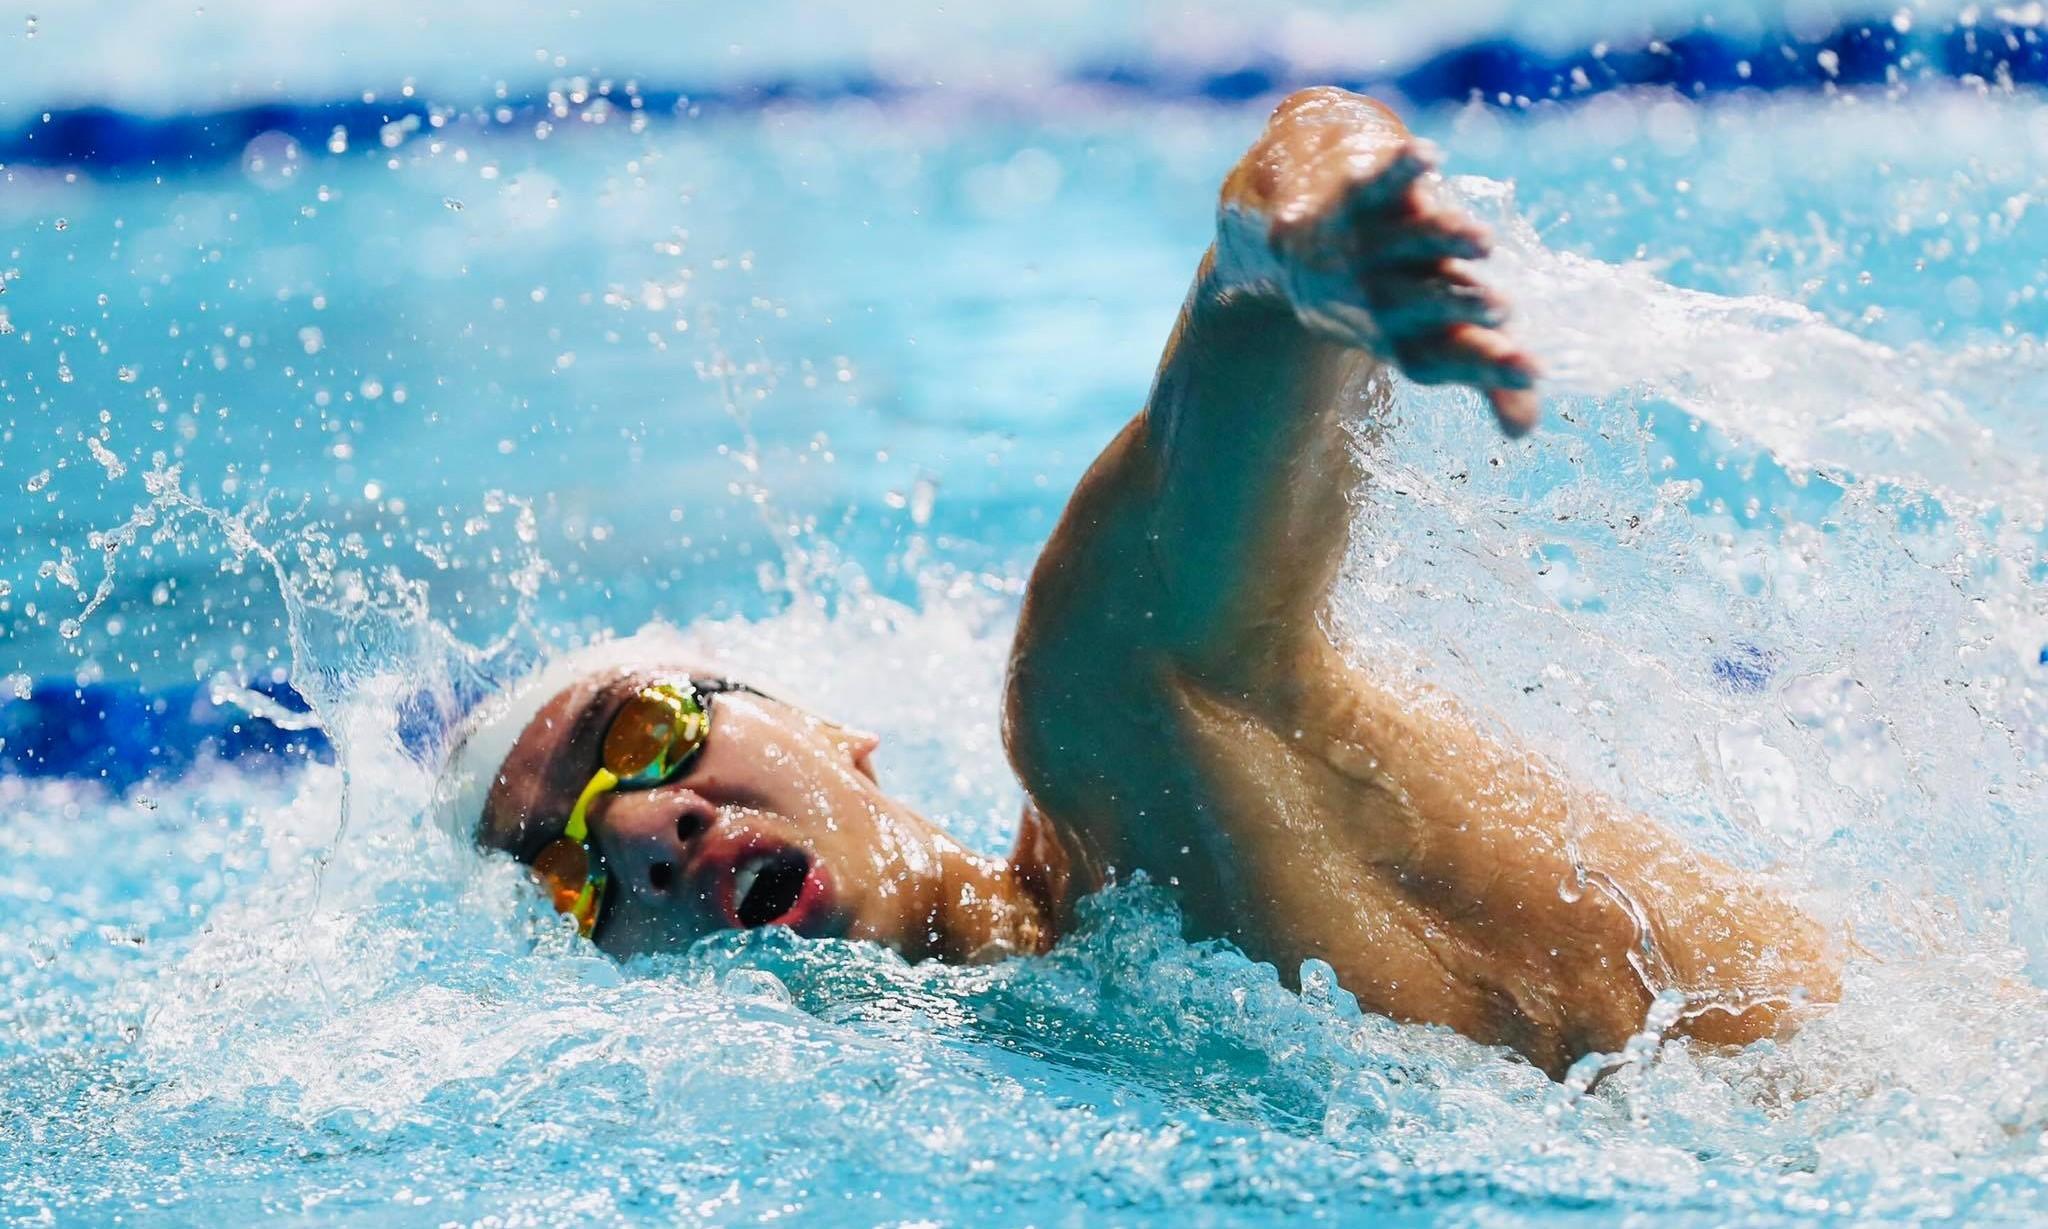 Huy Hoàng sẽ tham gia nội dung cuối cùng của bơi lội Việt Nam tại Olympic 2020. Ảnh: Đức Đồng.